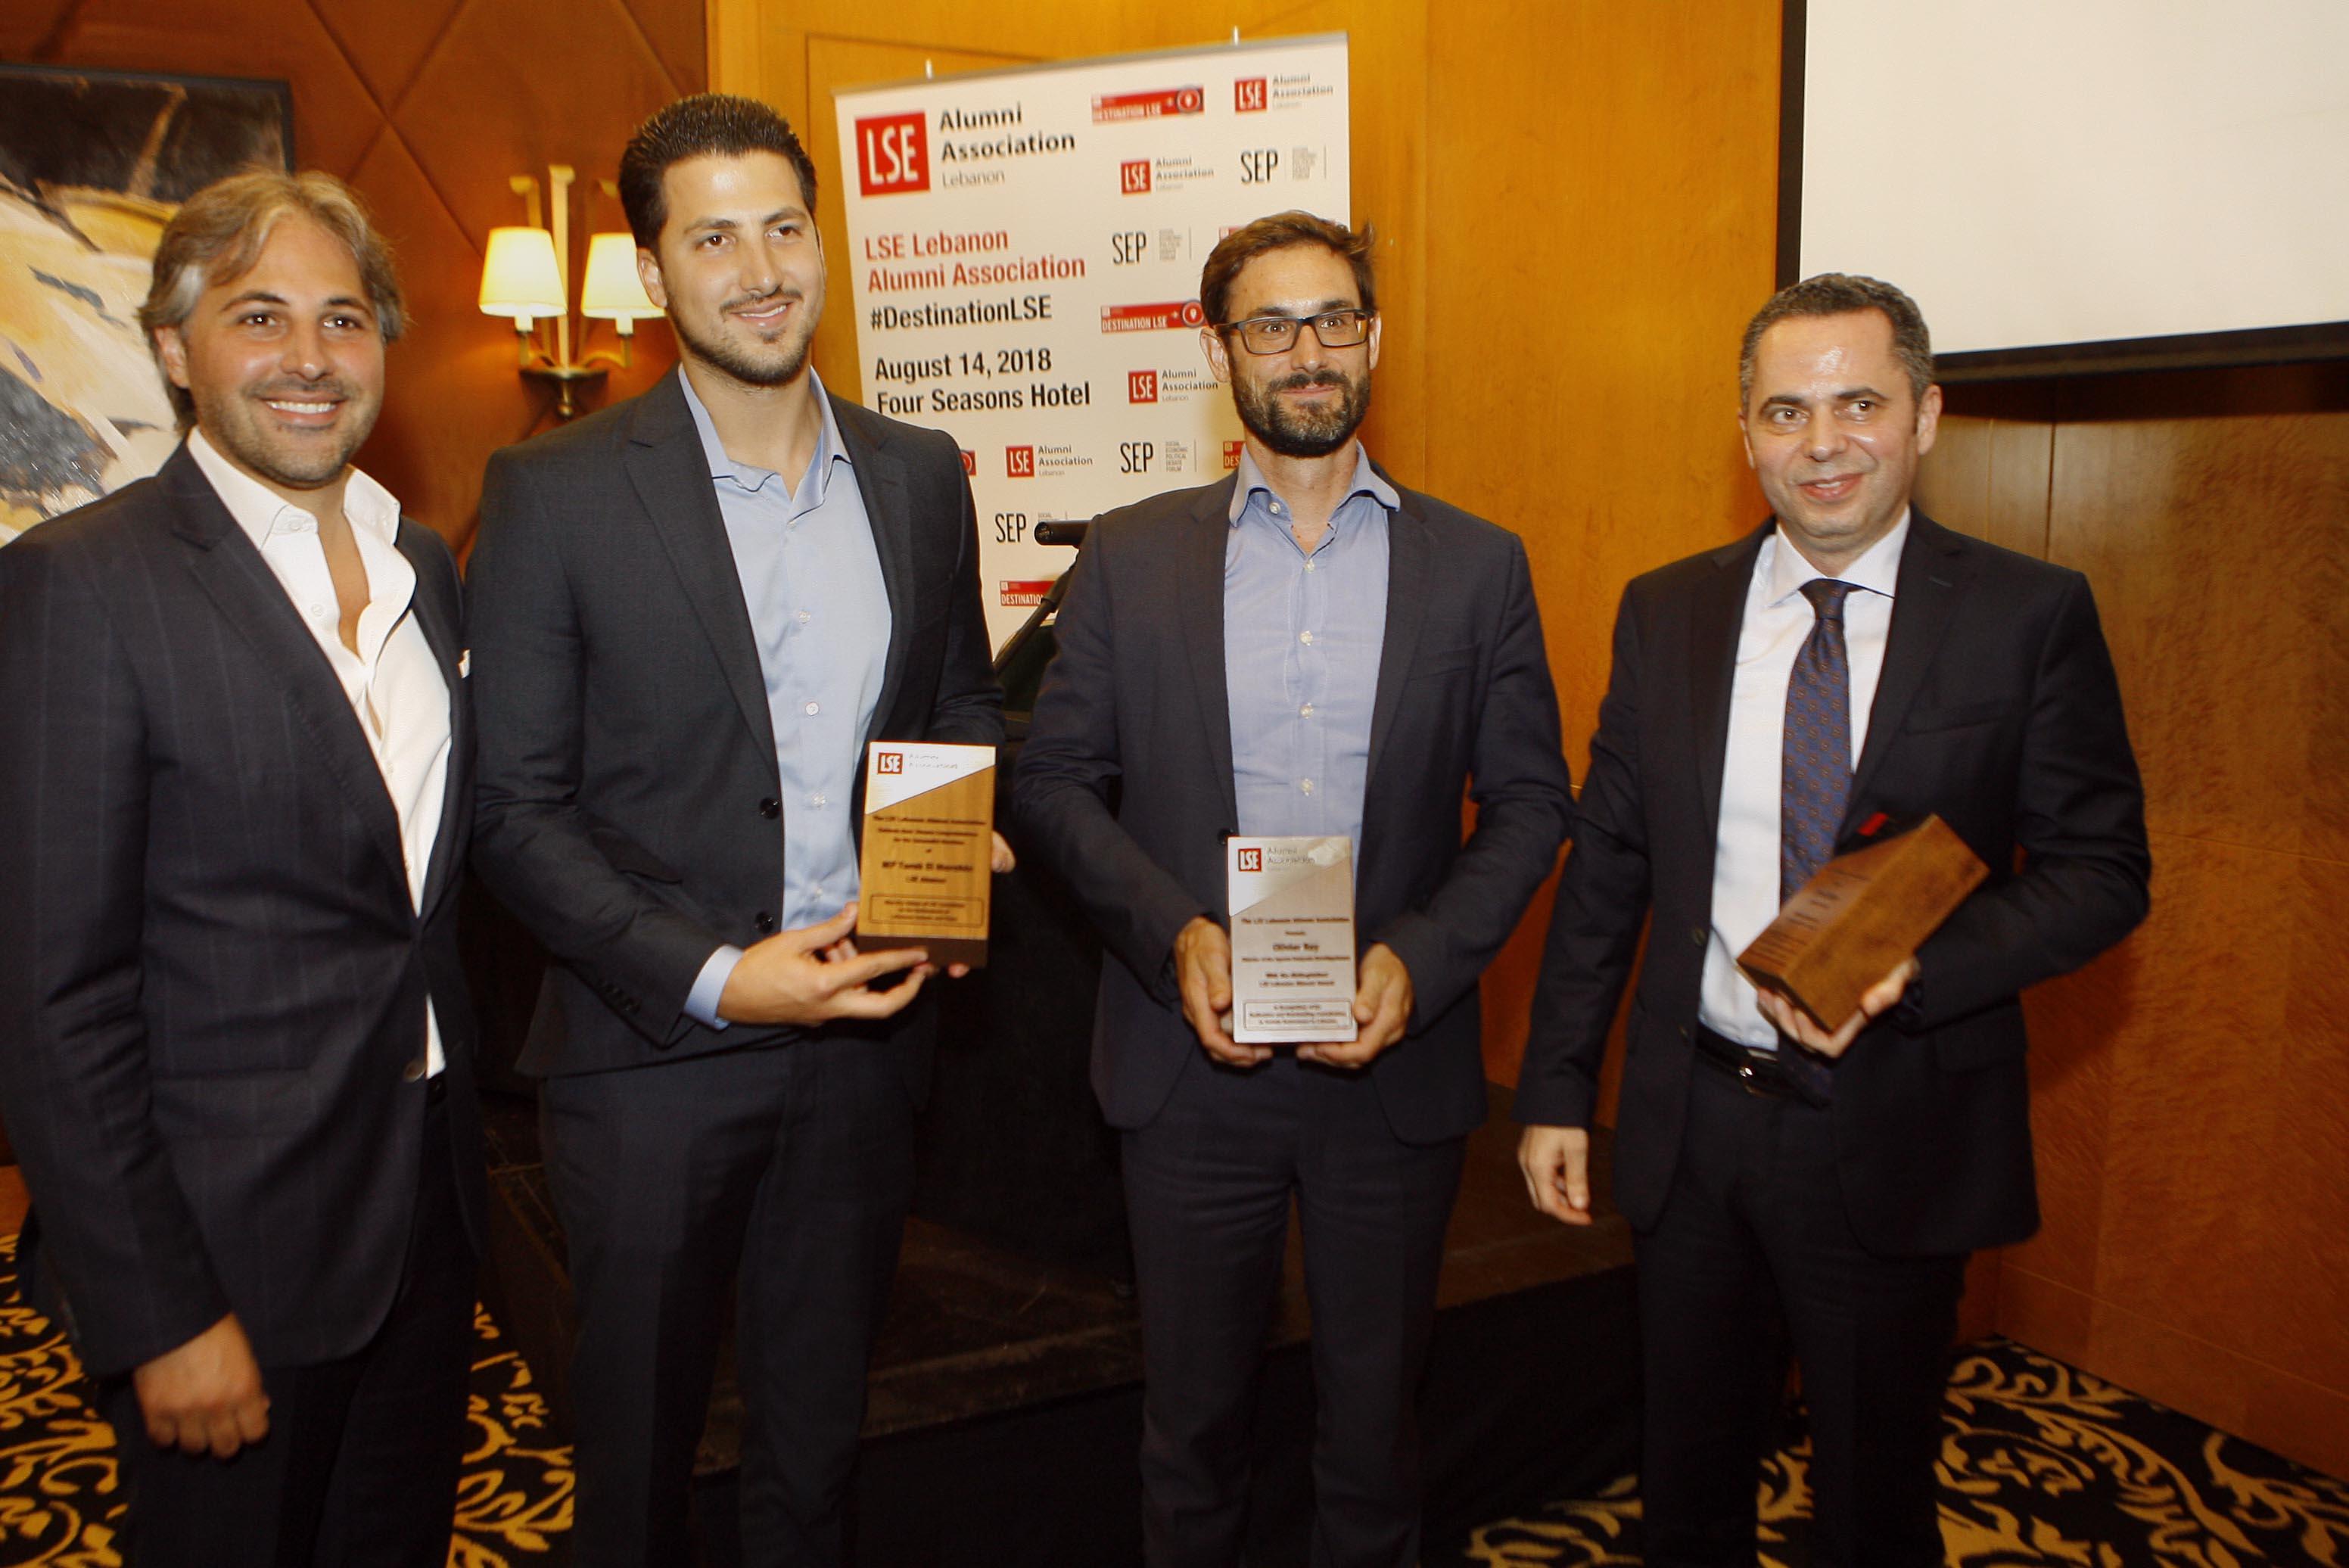 الجمعية اللبنانية لخريجي جامعة LSE تكرّم نخبة من خريجيها